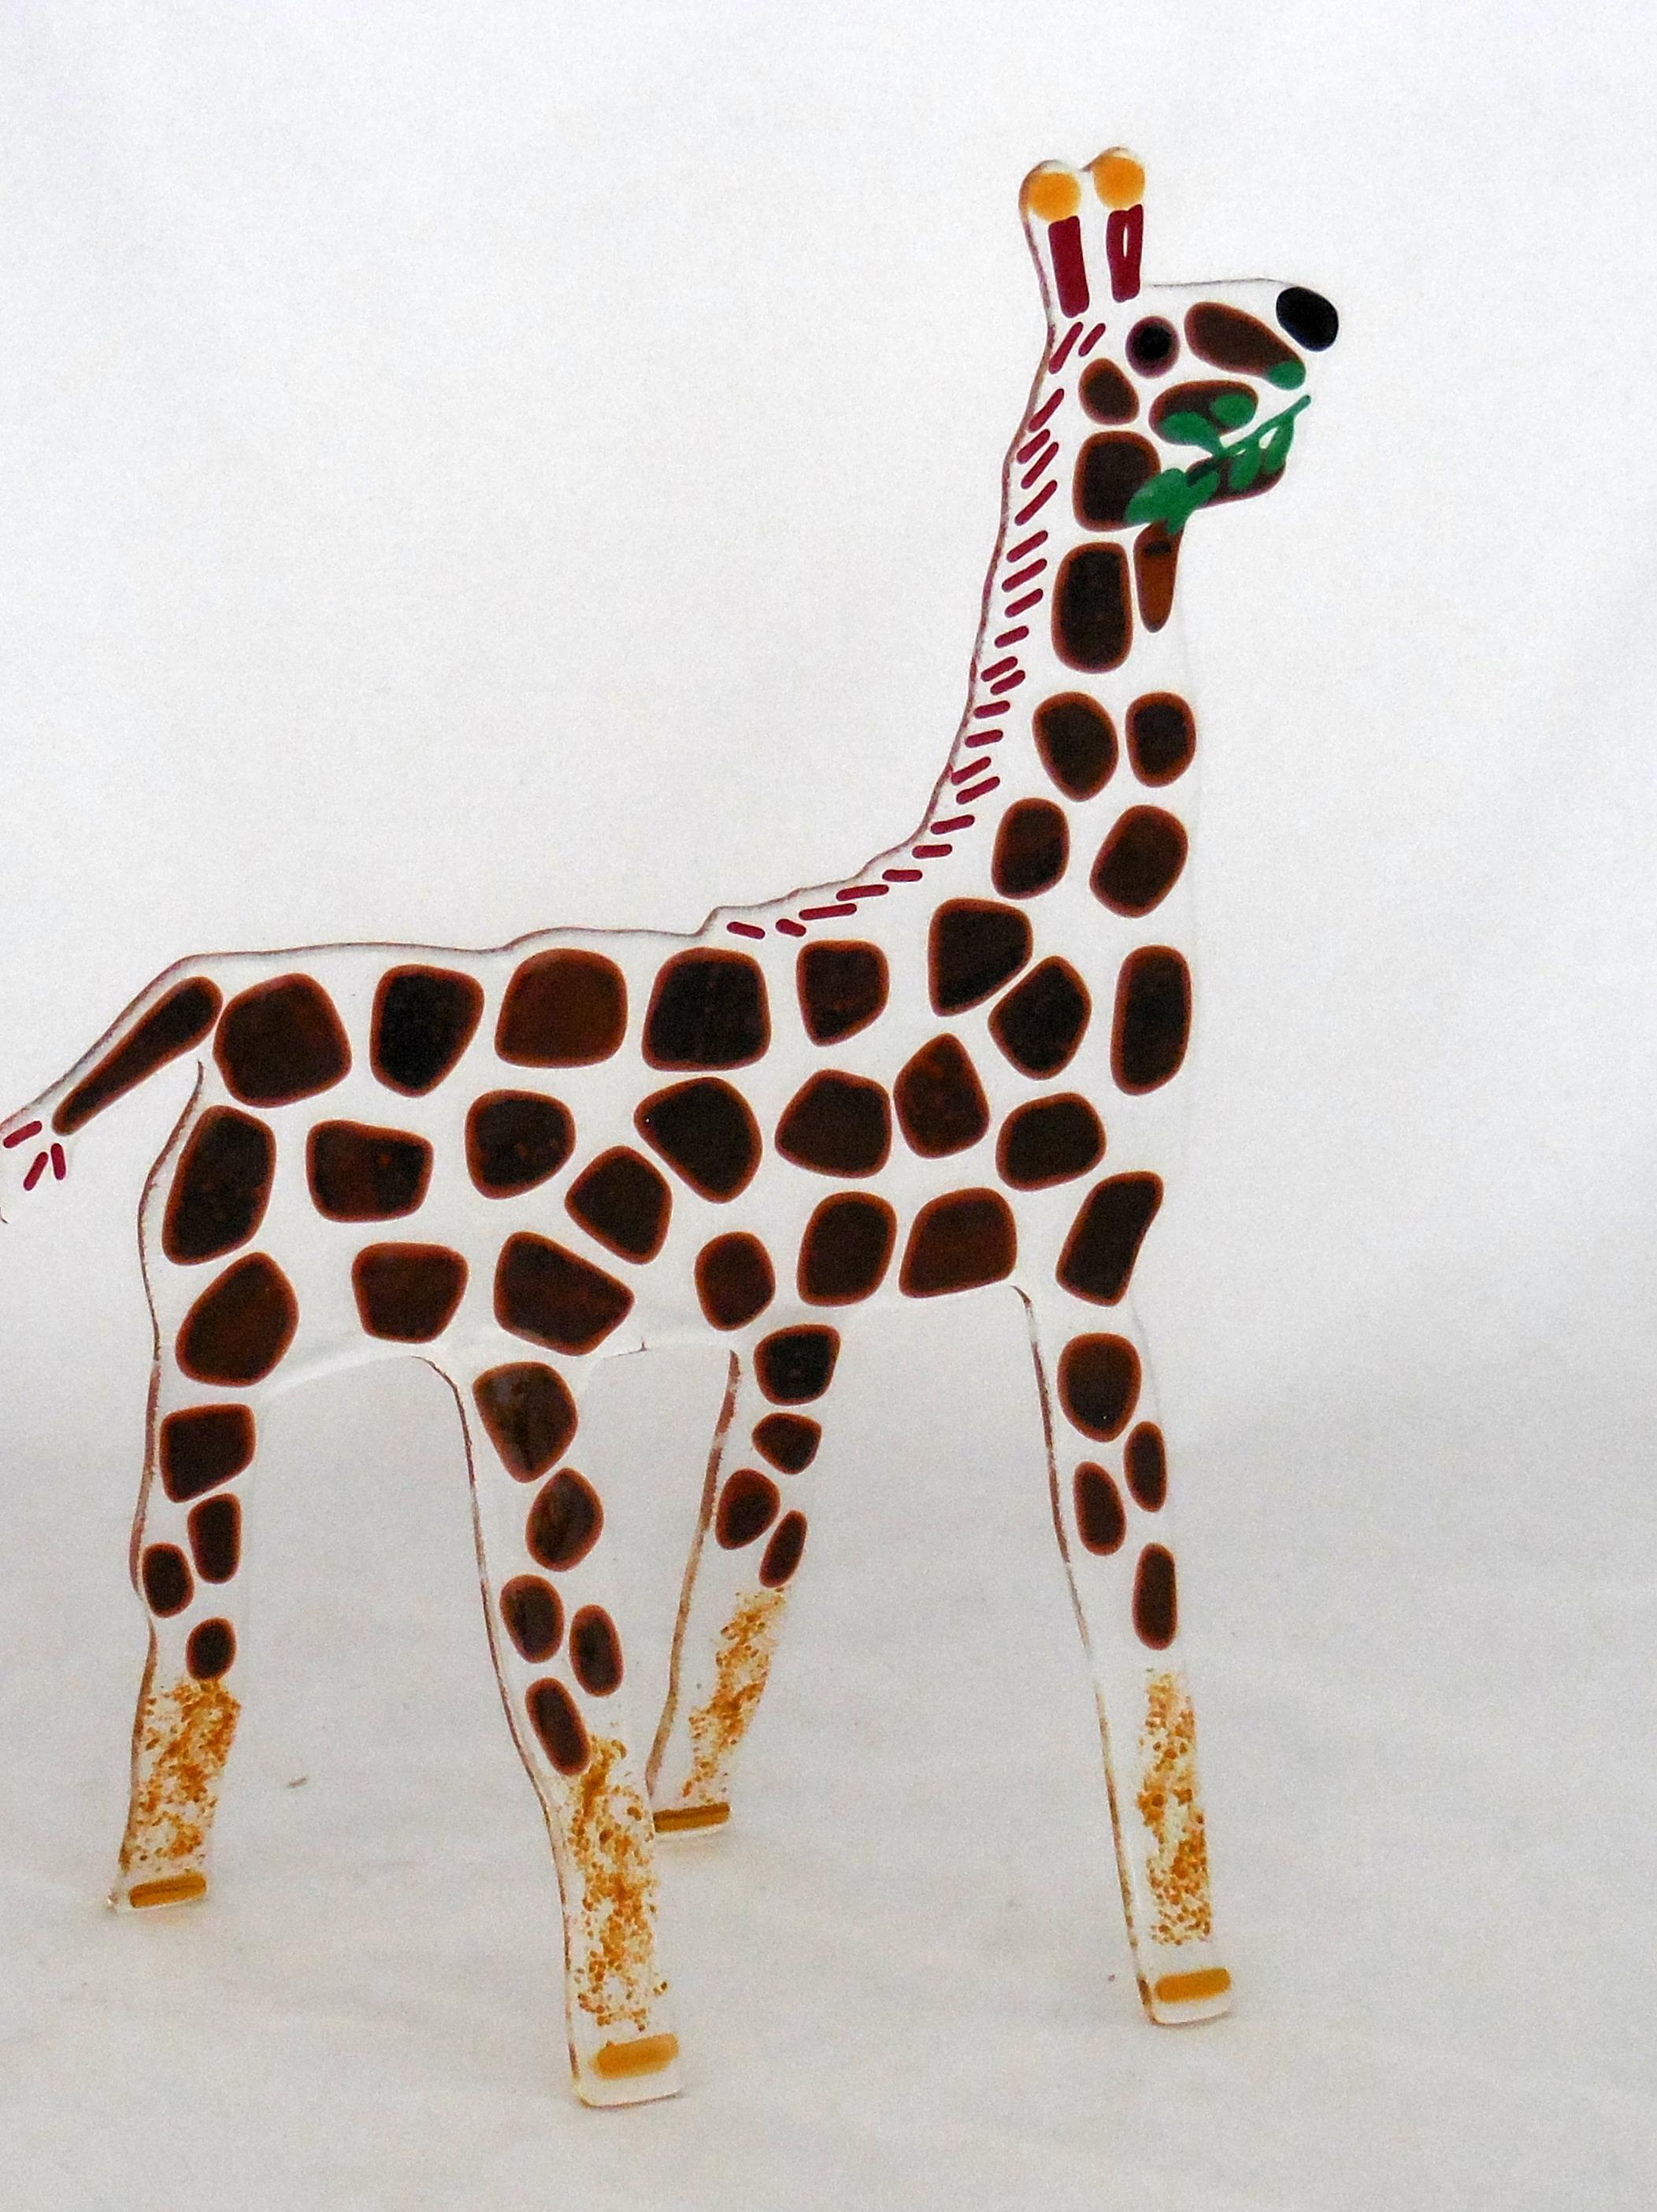 giraffe eating leaves